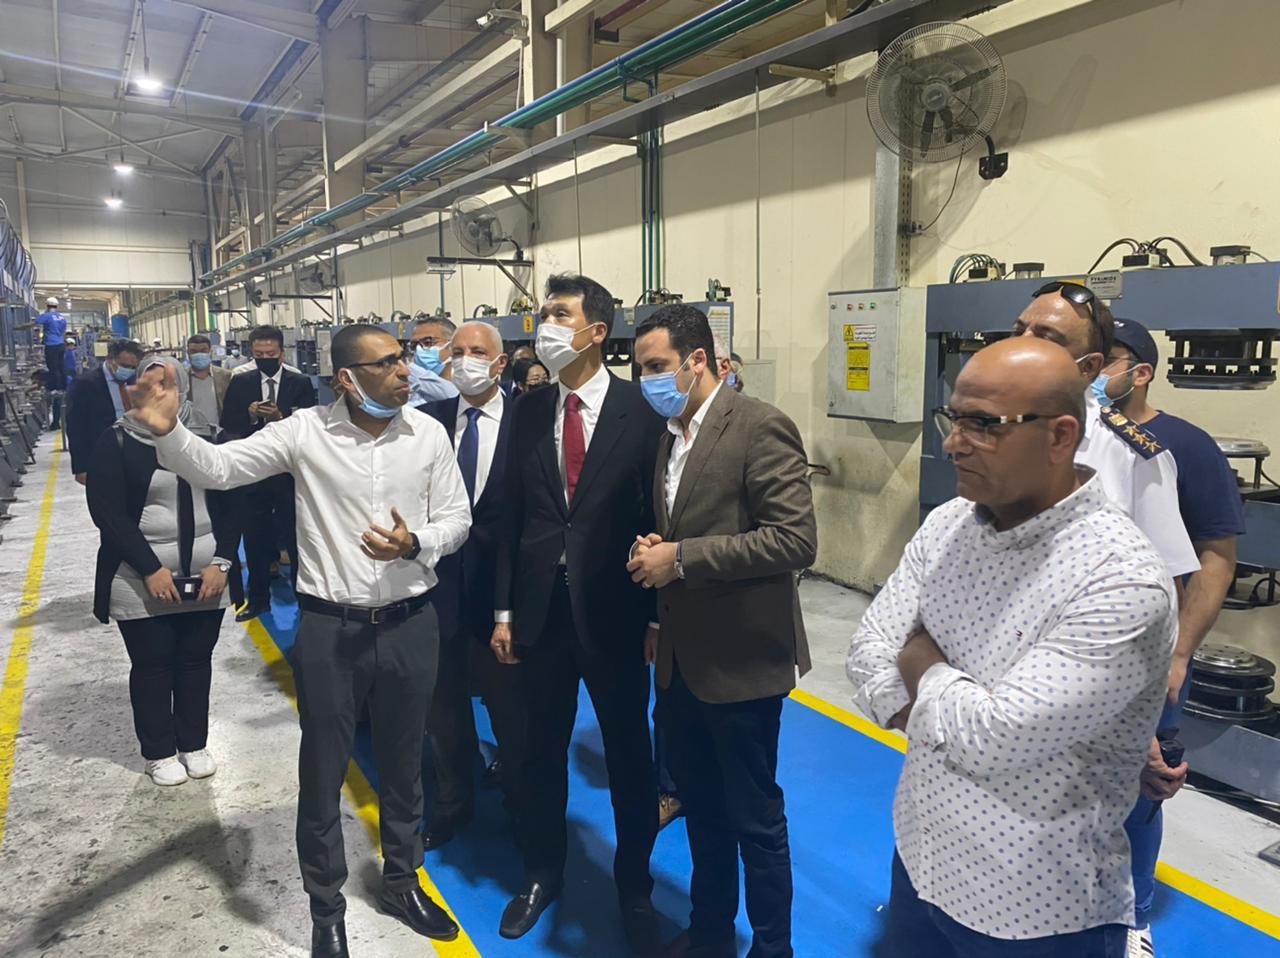 نائب المحافظ وسفير جمهورية كوريا يزوران عدد من المصانع بجنوب بورسعيد